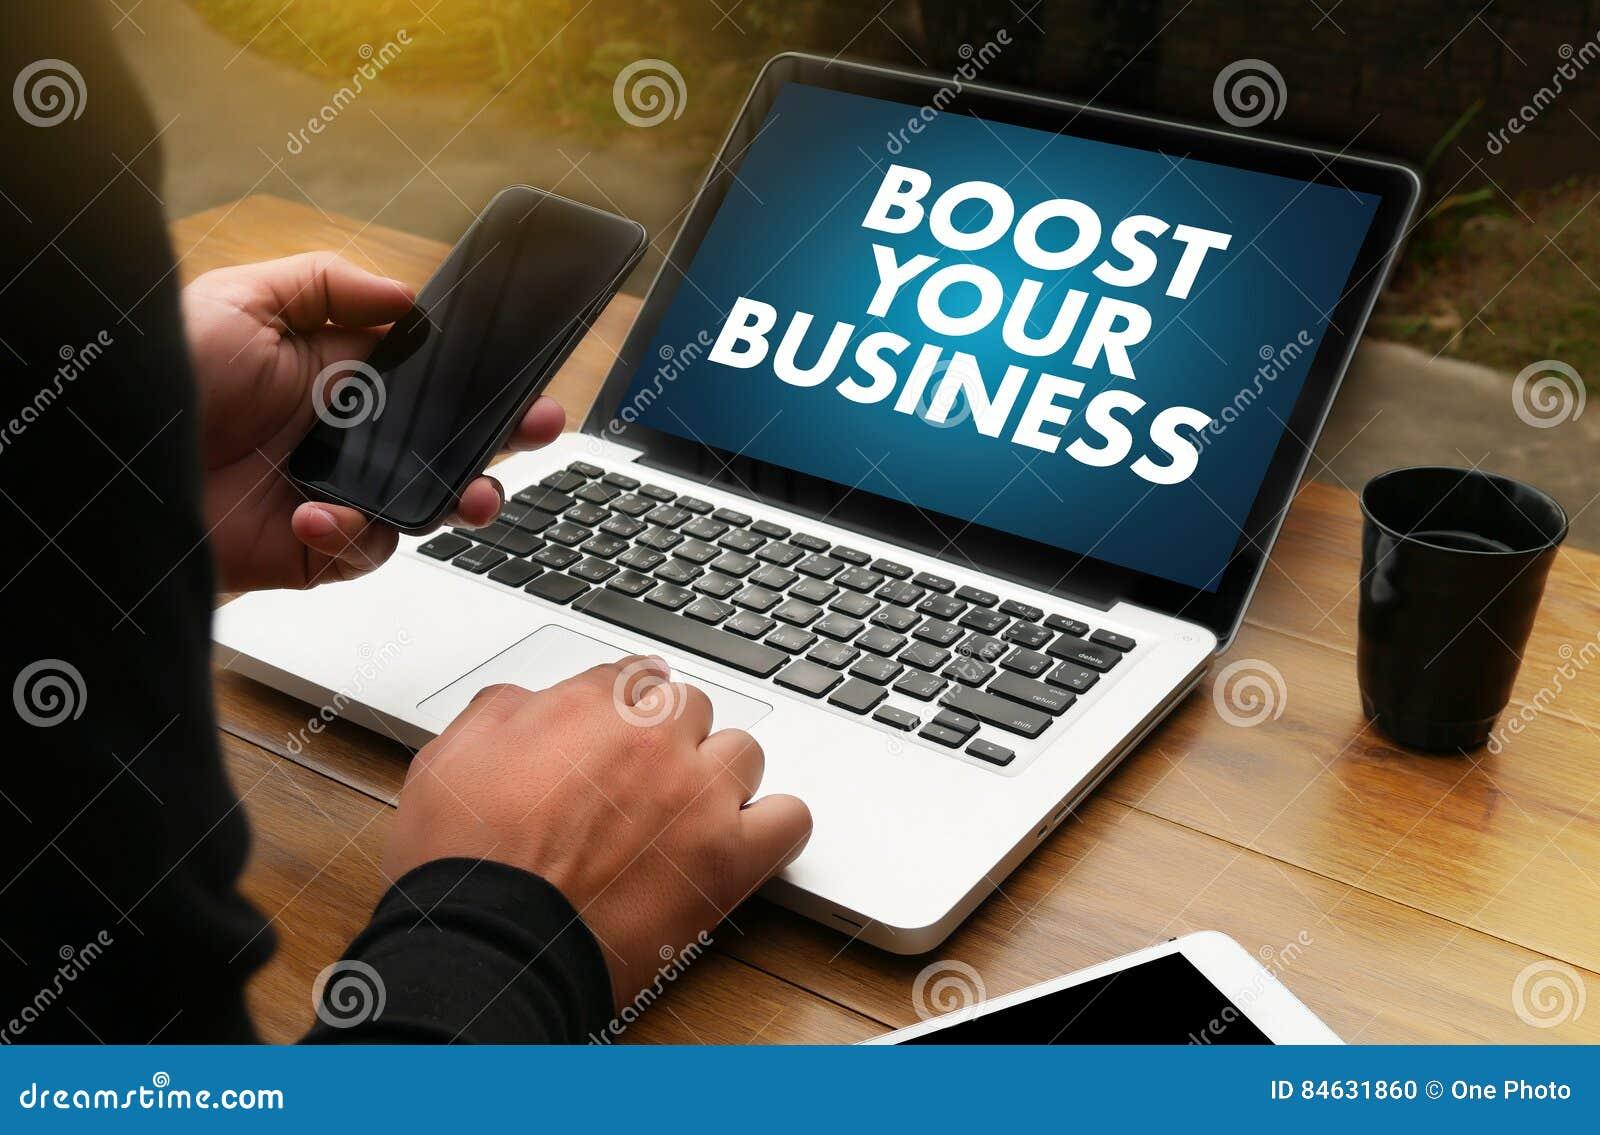 促进您的事务,促进您的收入,事务,技术,